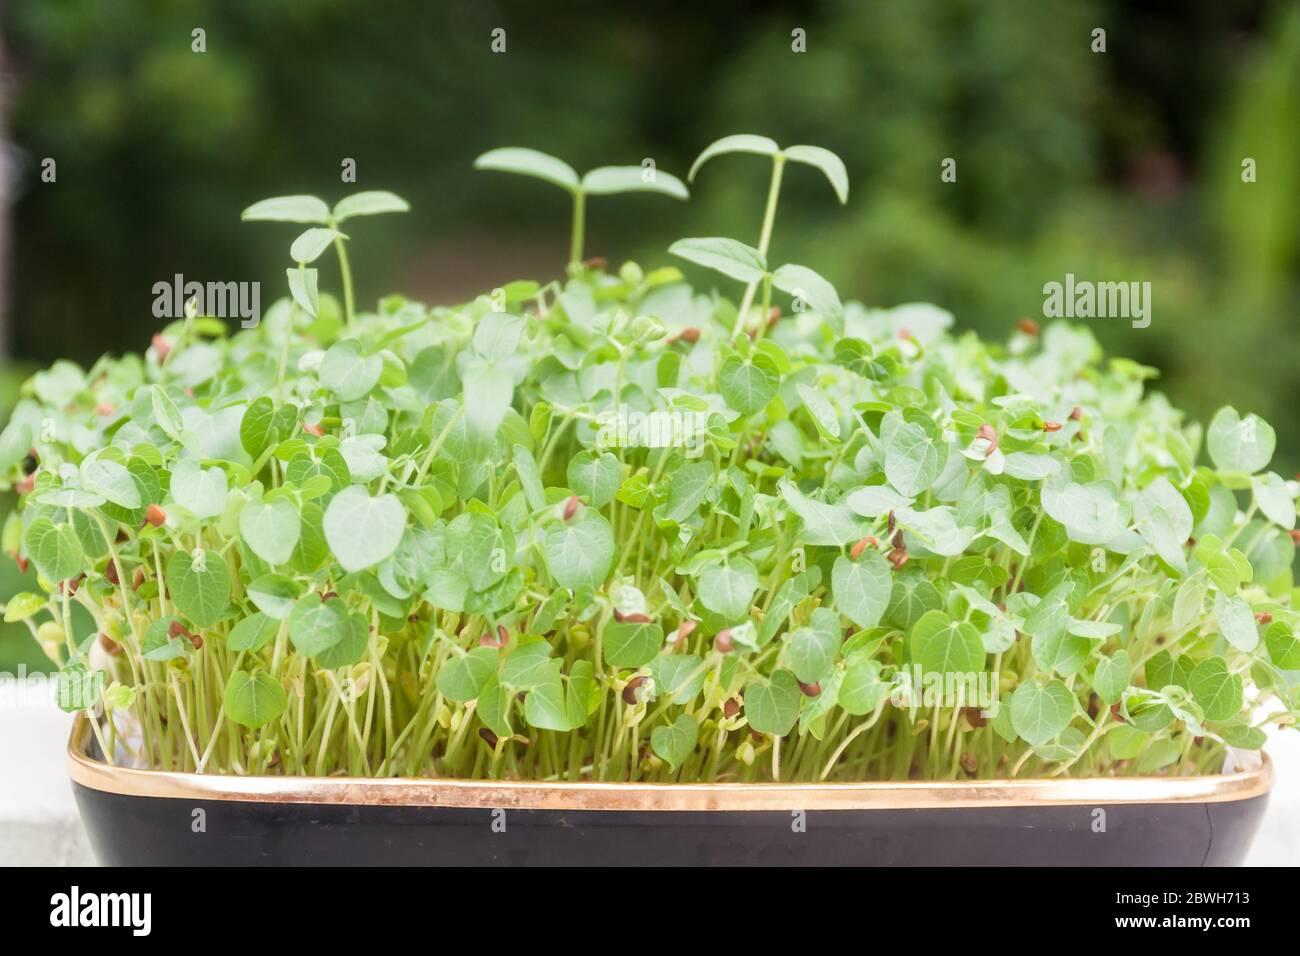 Micro Greens Konzept Hintergrund der Sprossen wachsen Stockfoto